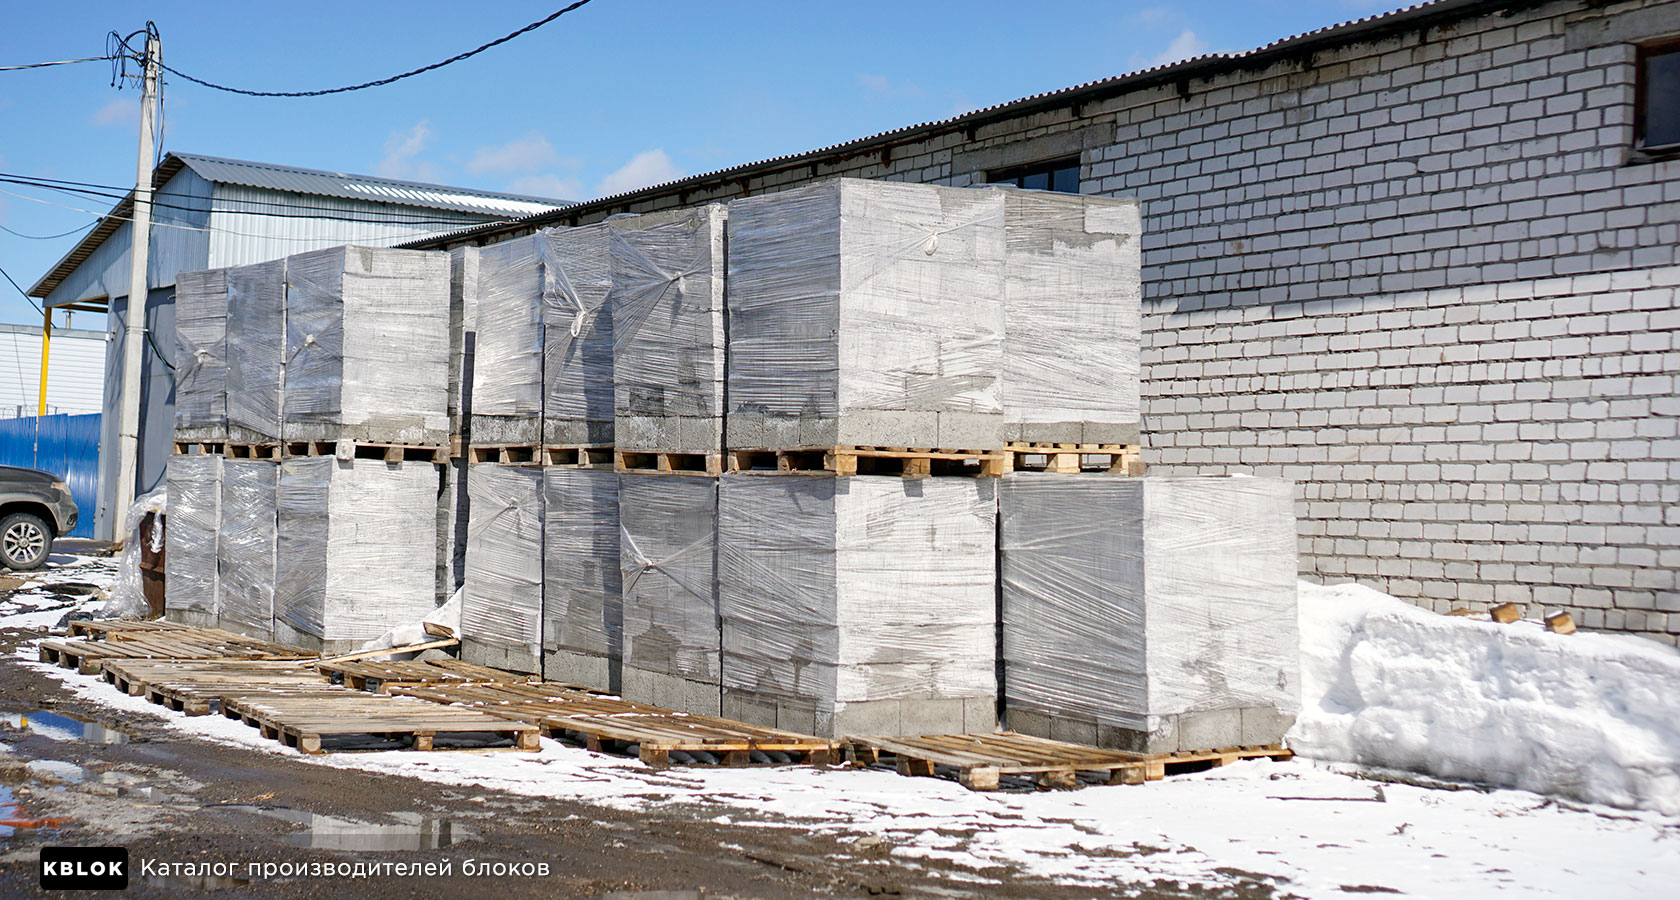 уличный склад с керамзитными блоками в Новочебоксарске